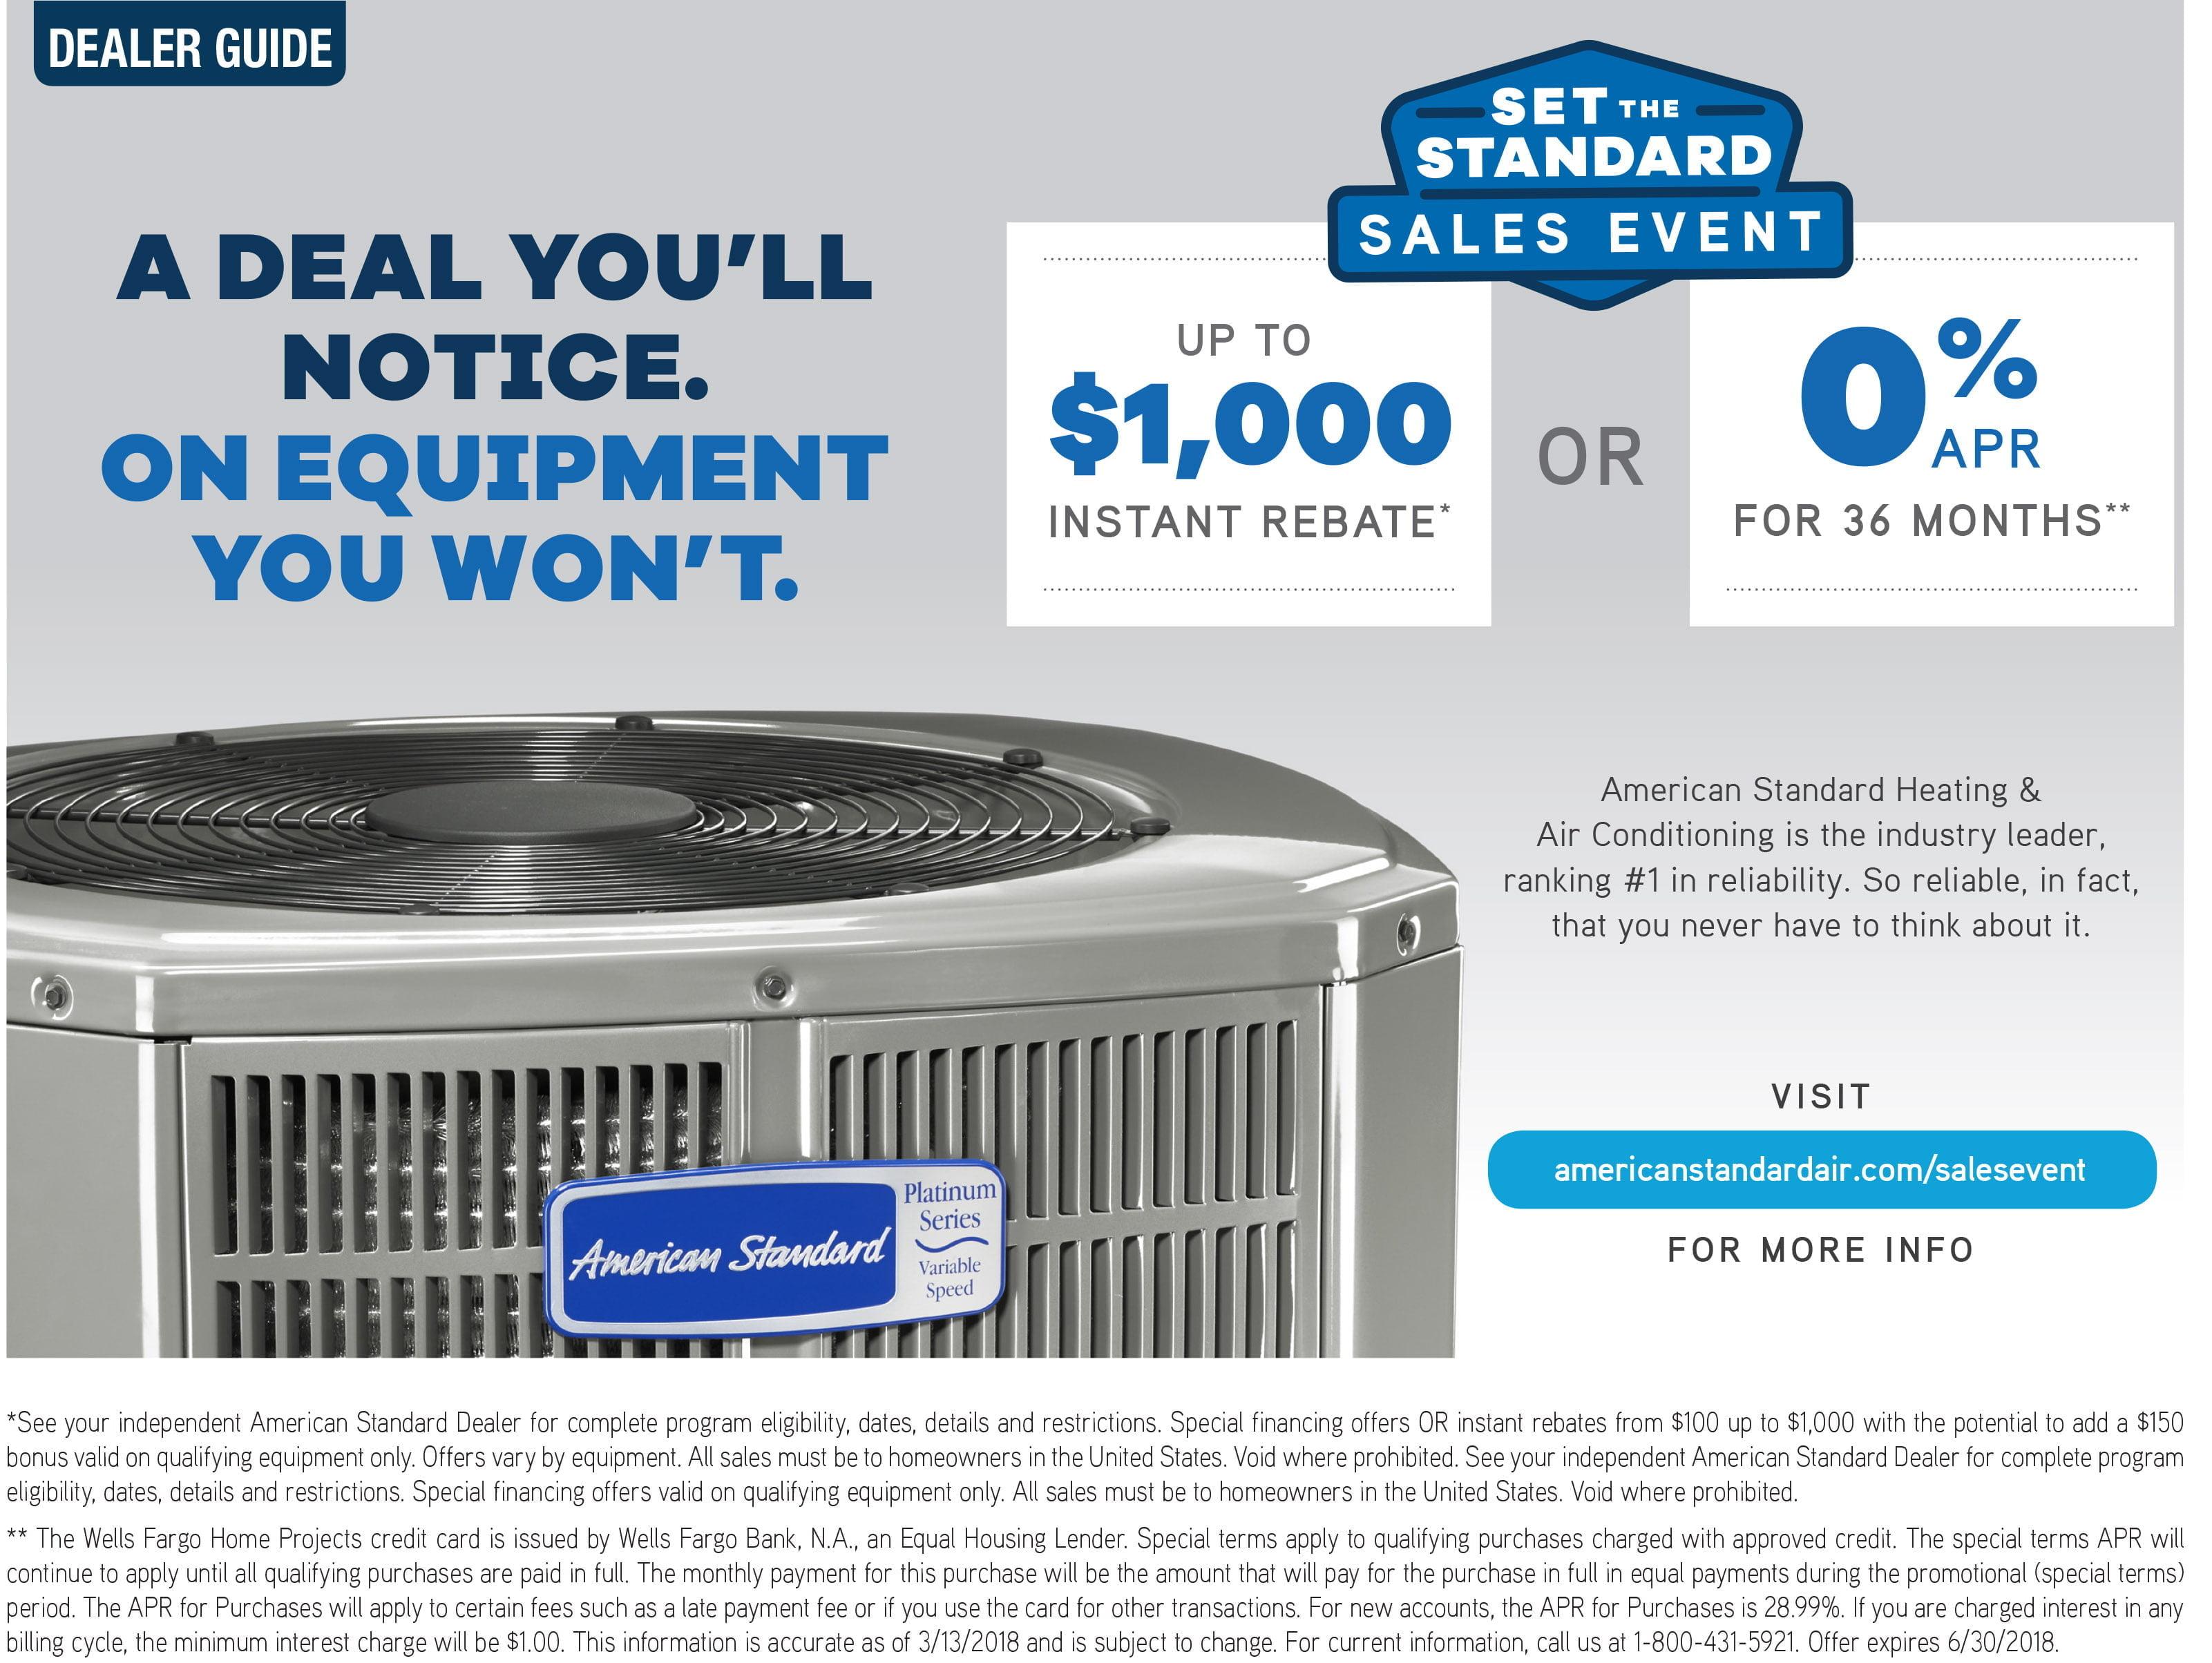 AmStdSpr18USDealer6-30-F_140318150302[1]-1 - Ellis Heating and Air ...